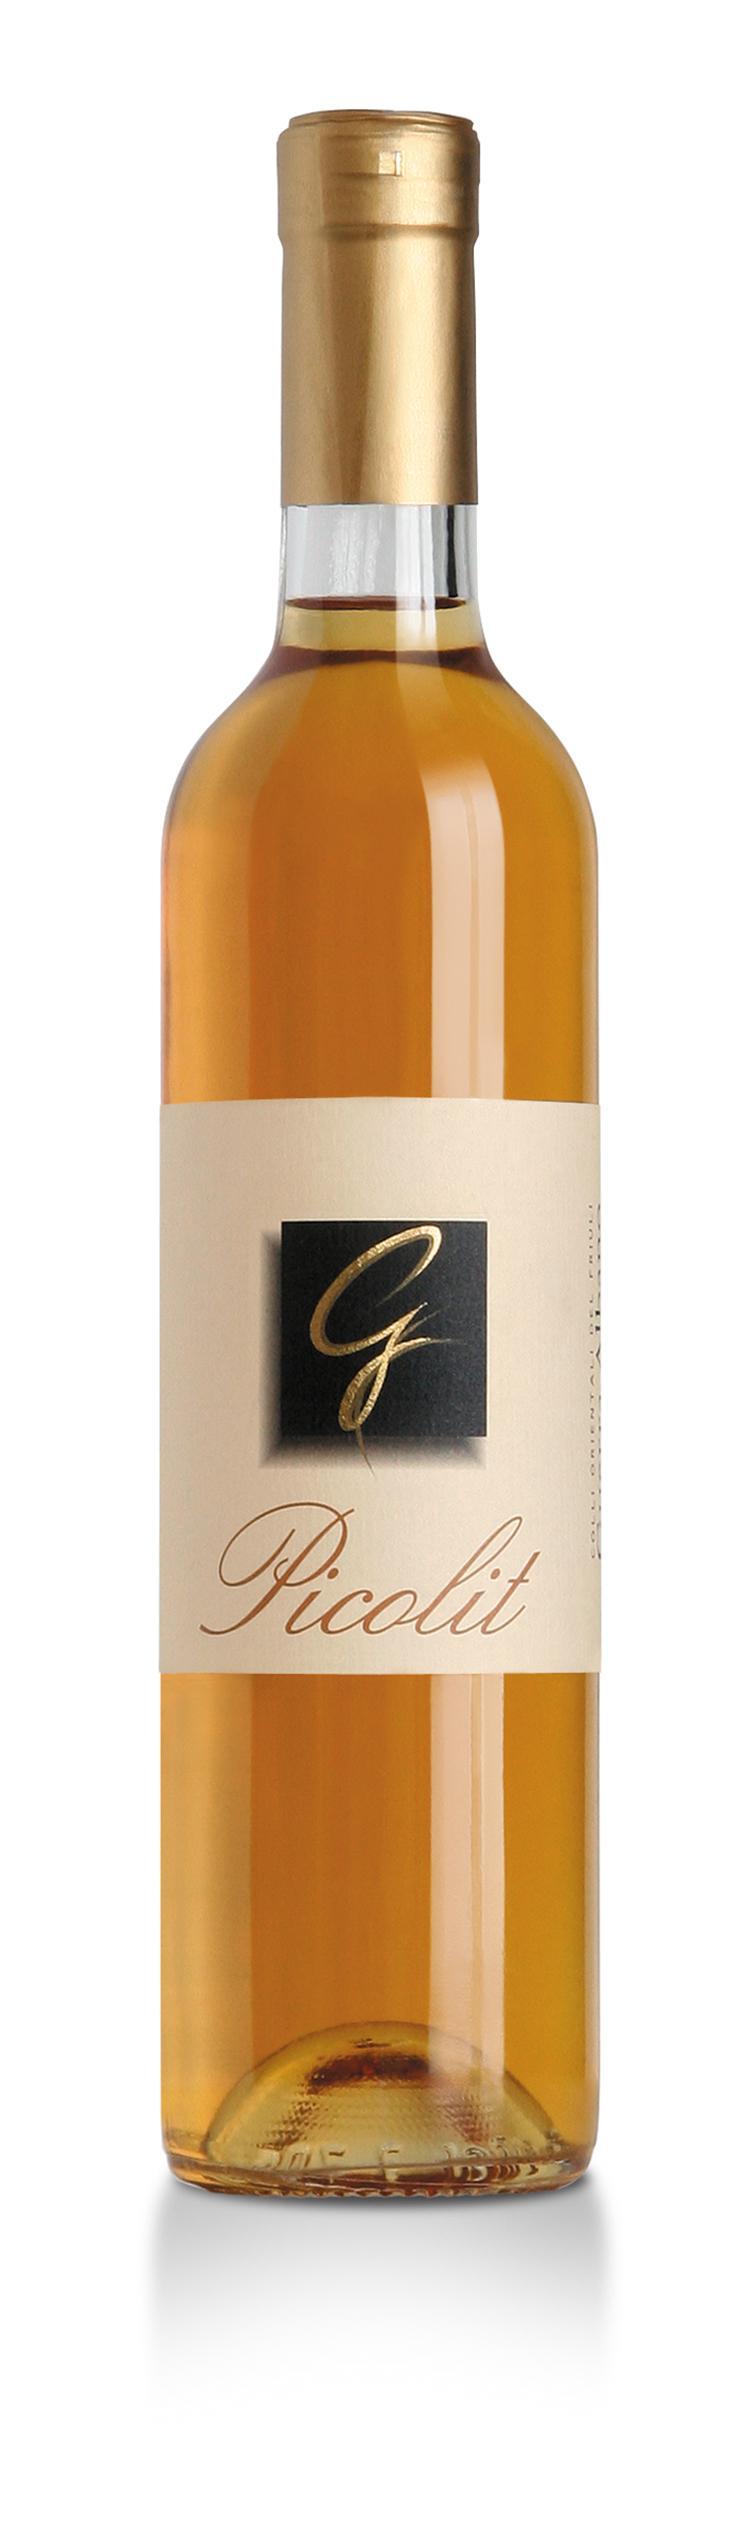 Picolit DOCG Colli Orientali del Friuli